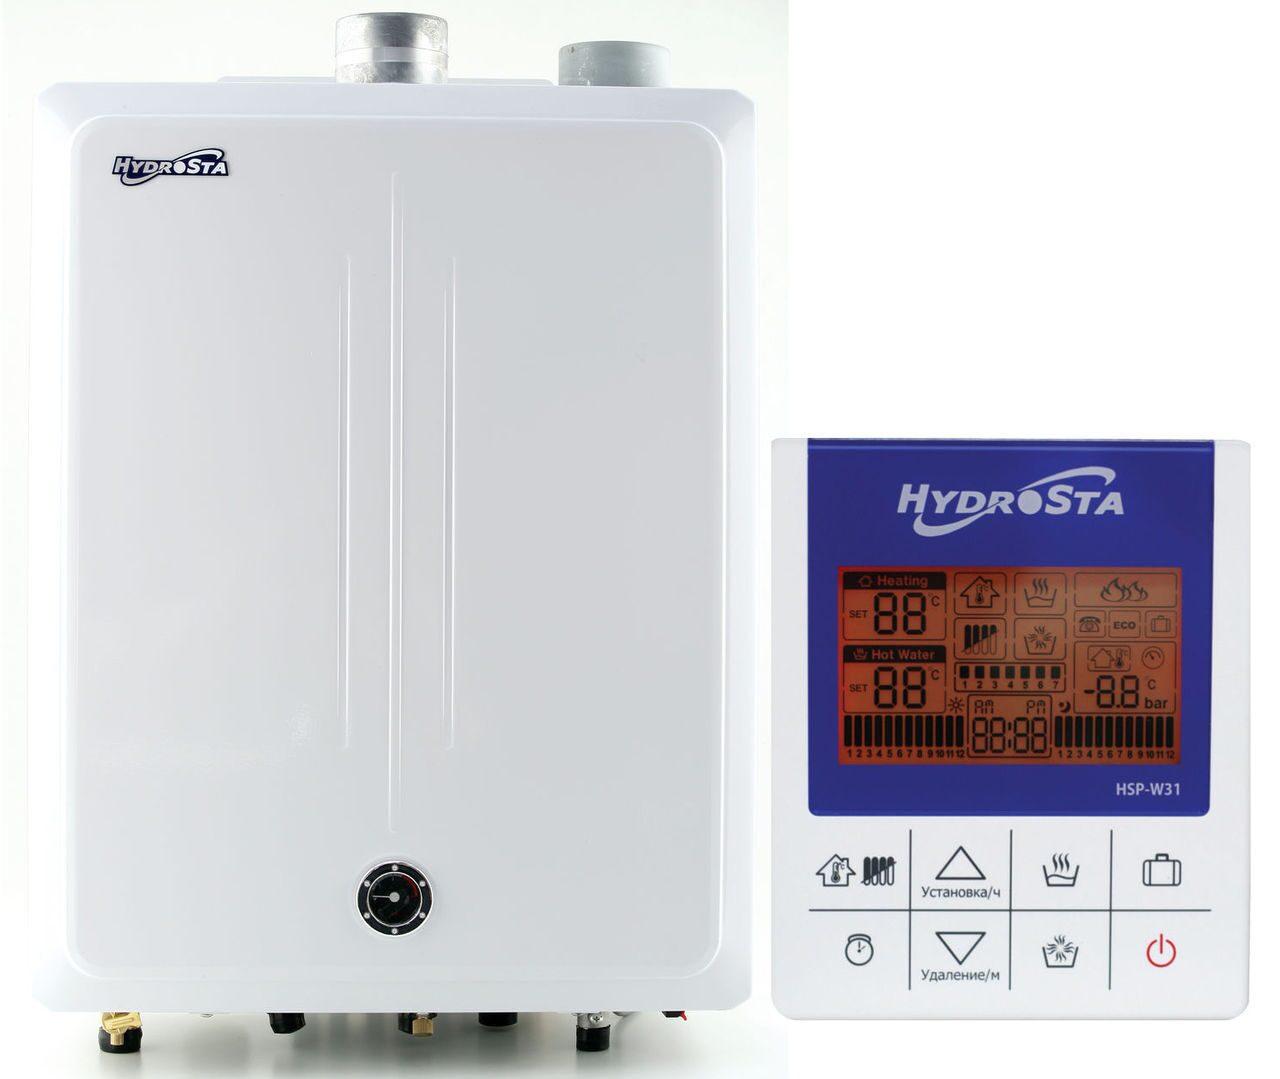 Купить теплообменник на газовый котел видео или худроста геотермальный теплообменник comfofond cf 500